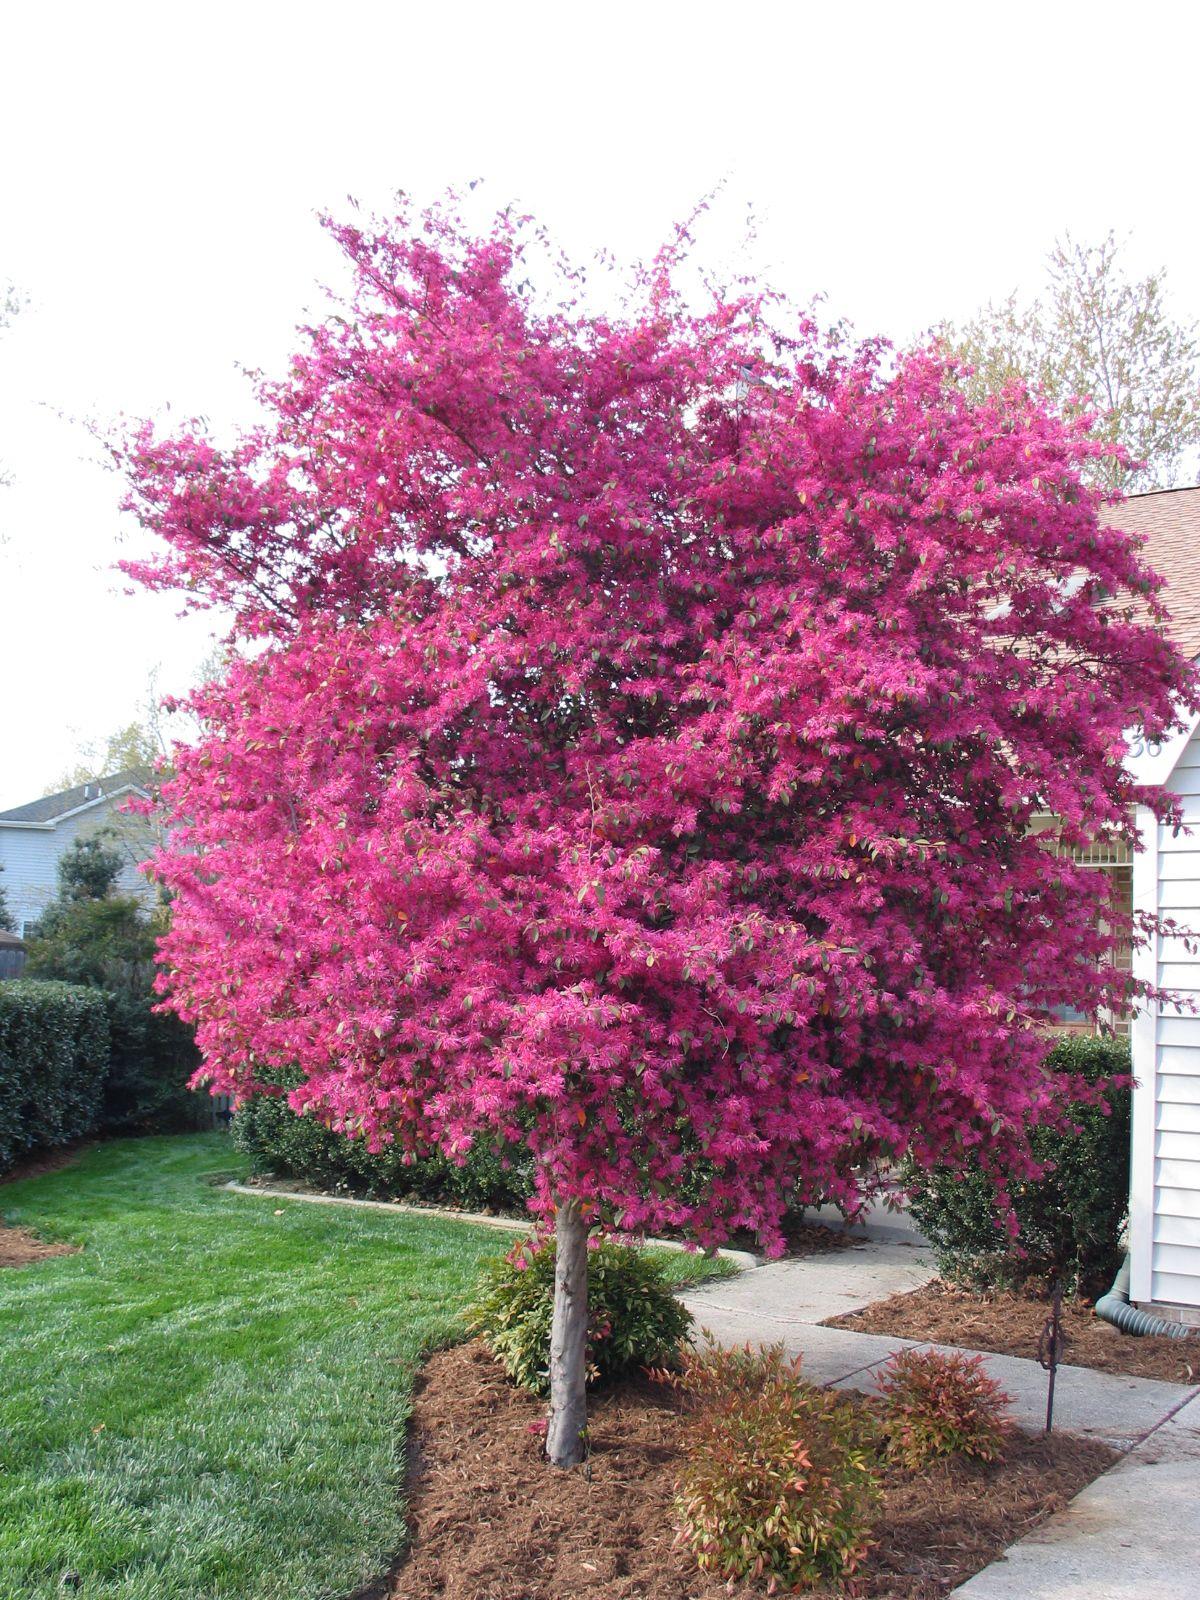 loropetalum tree in tish's yard